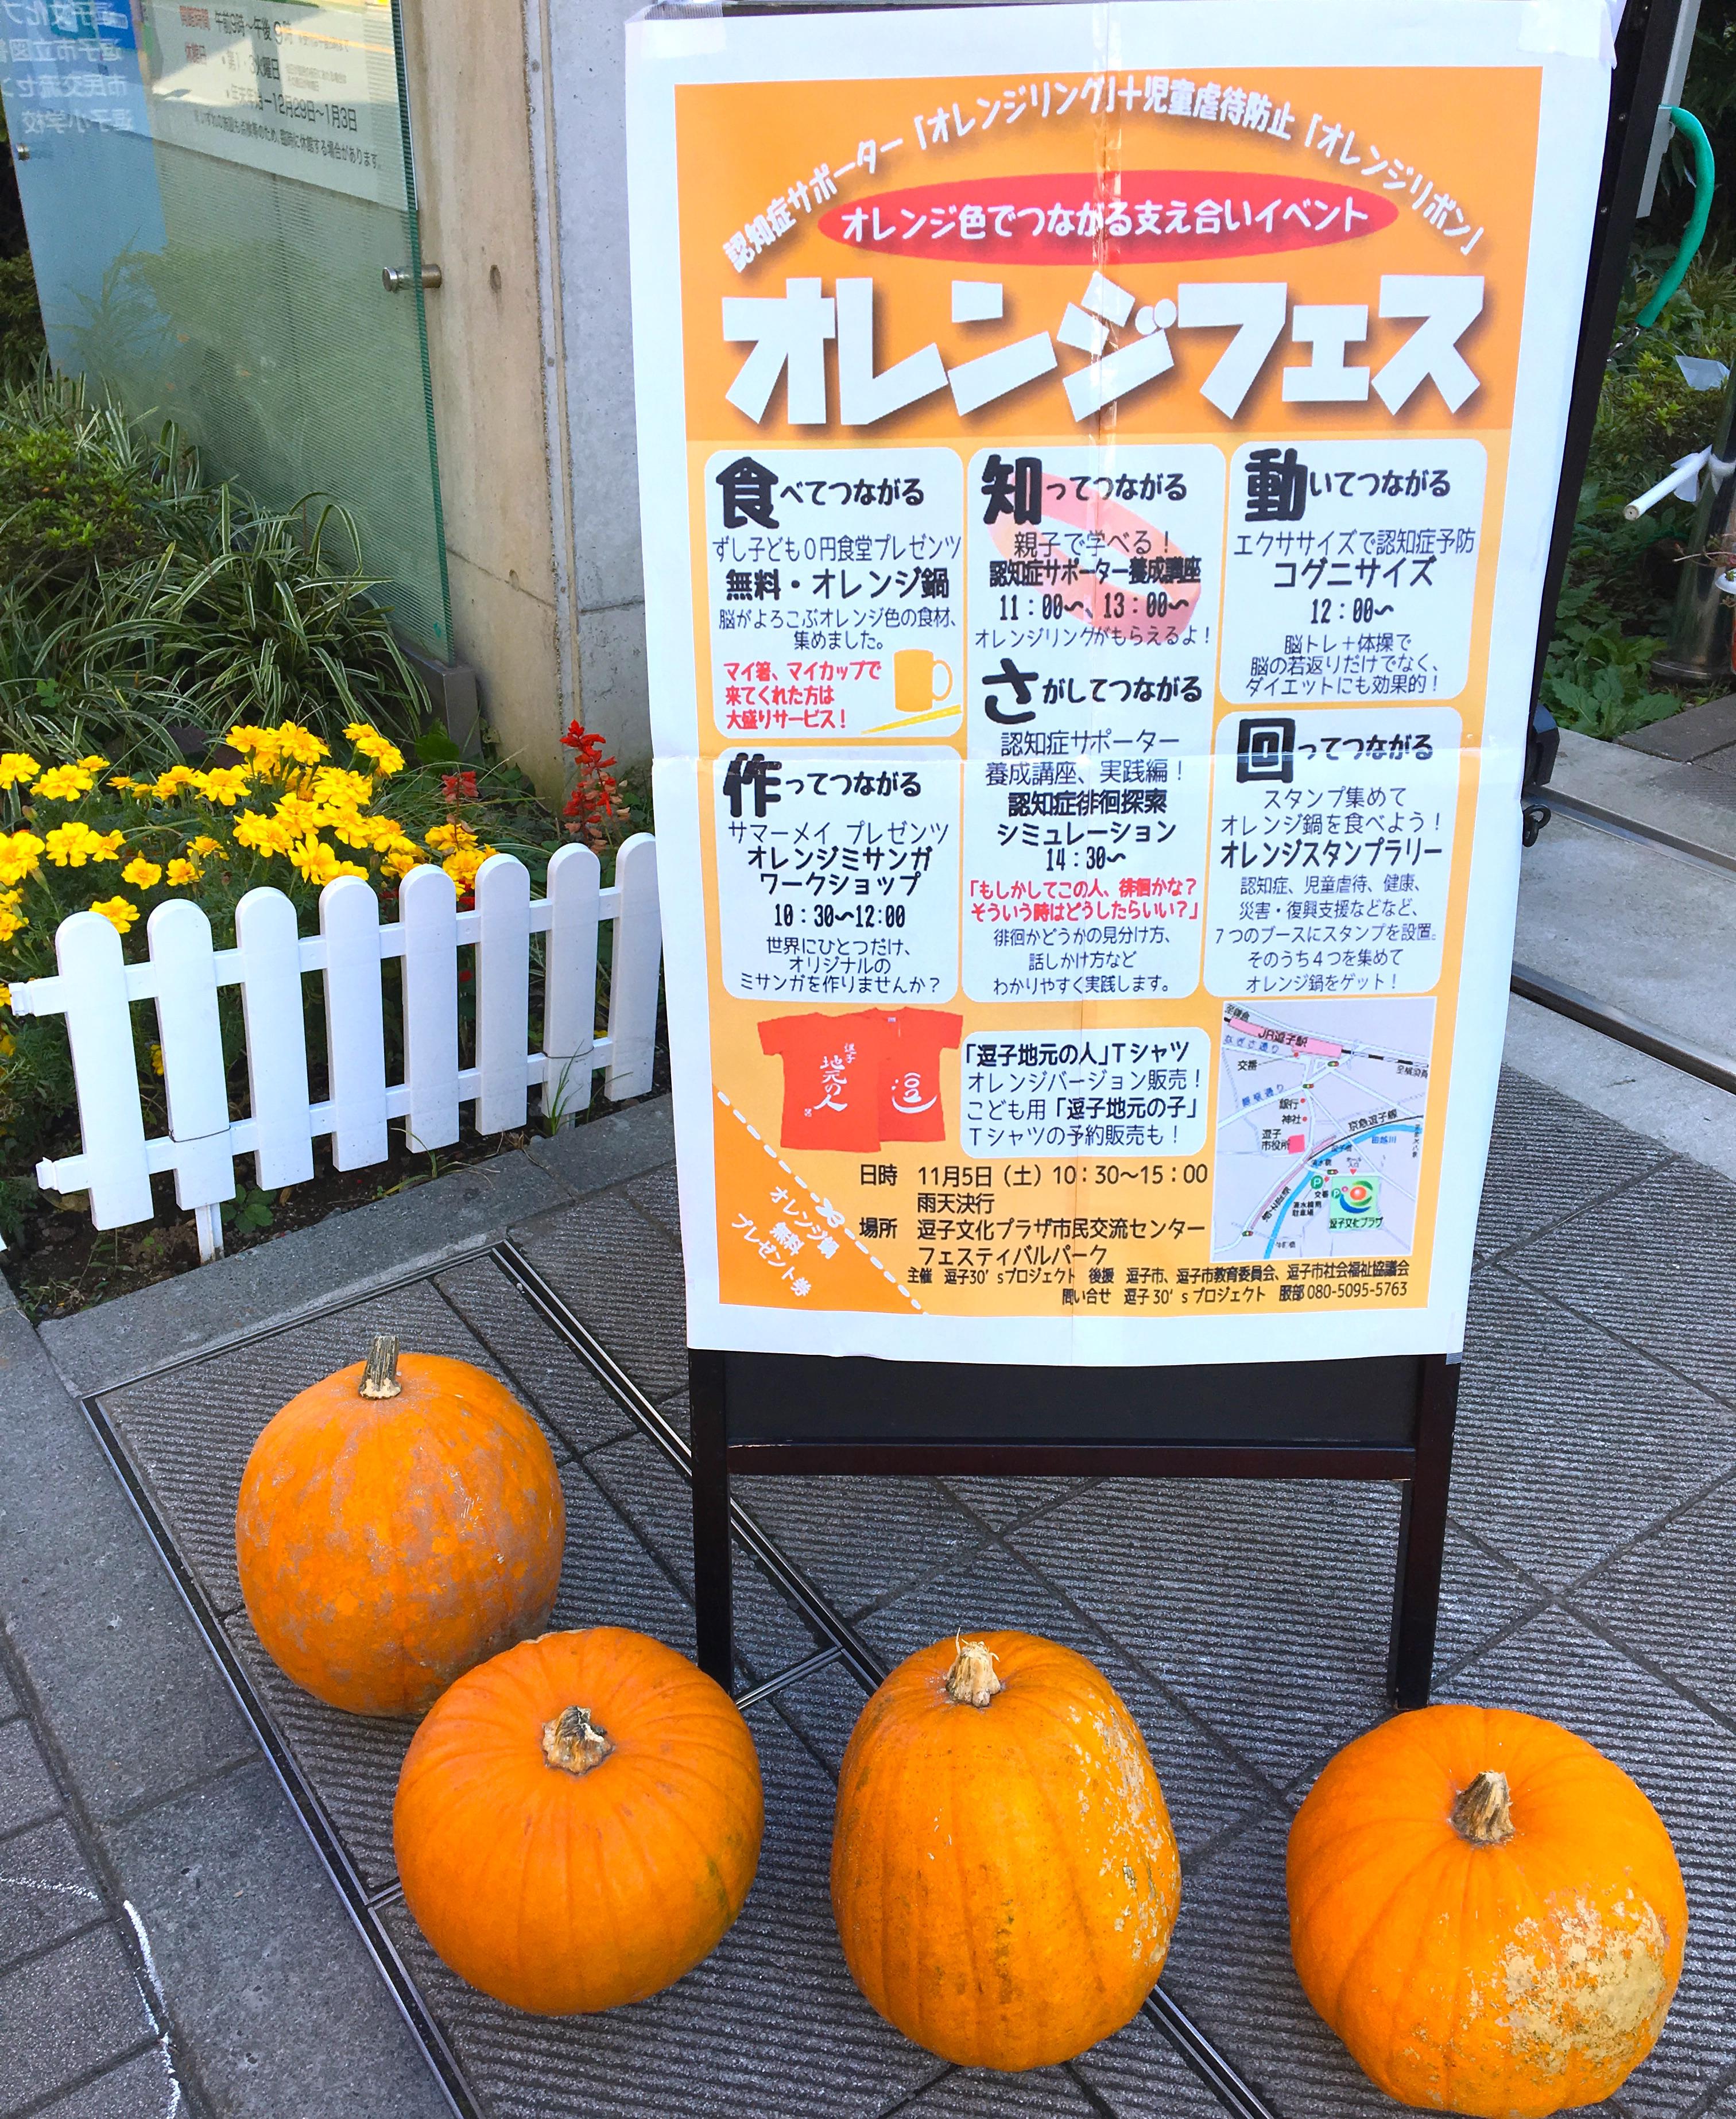 認知症×児童虐待防止の同時啓発キャンペーン!オレンジフェスで逗子の街をオレンジに染める